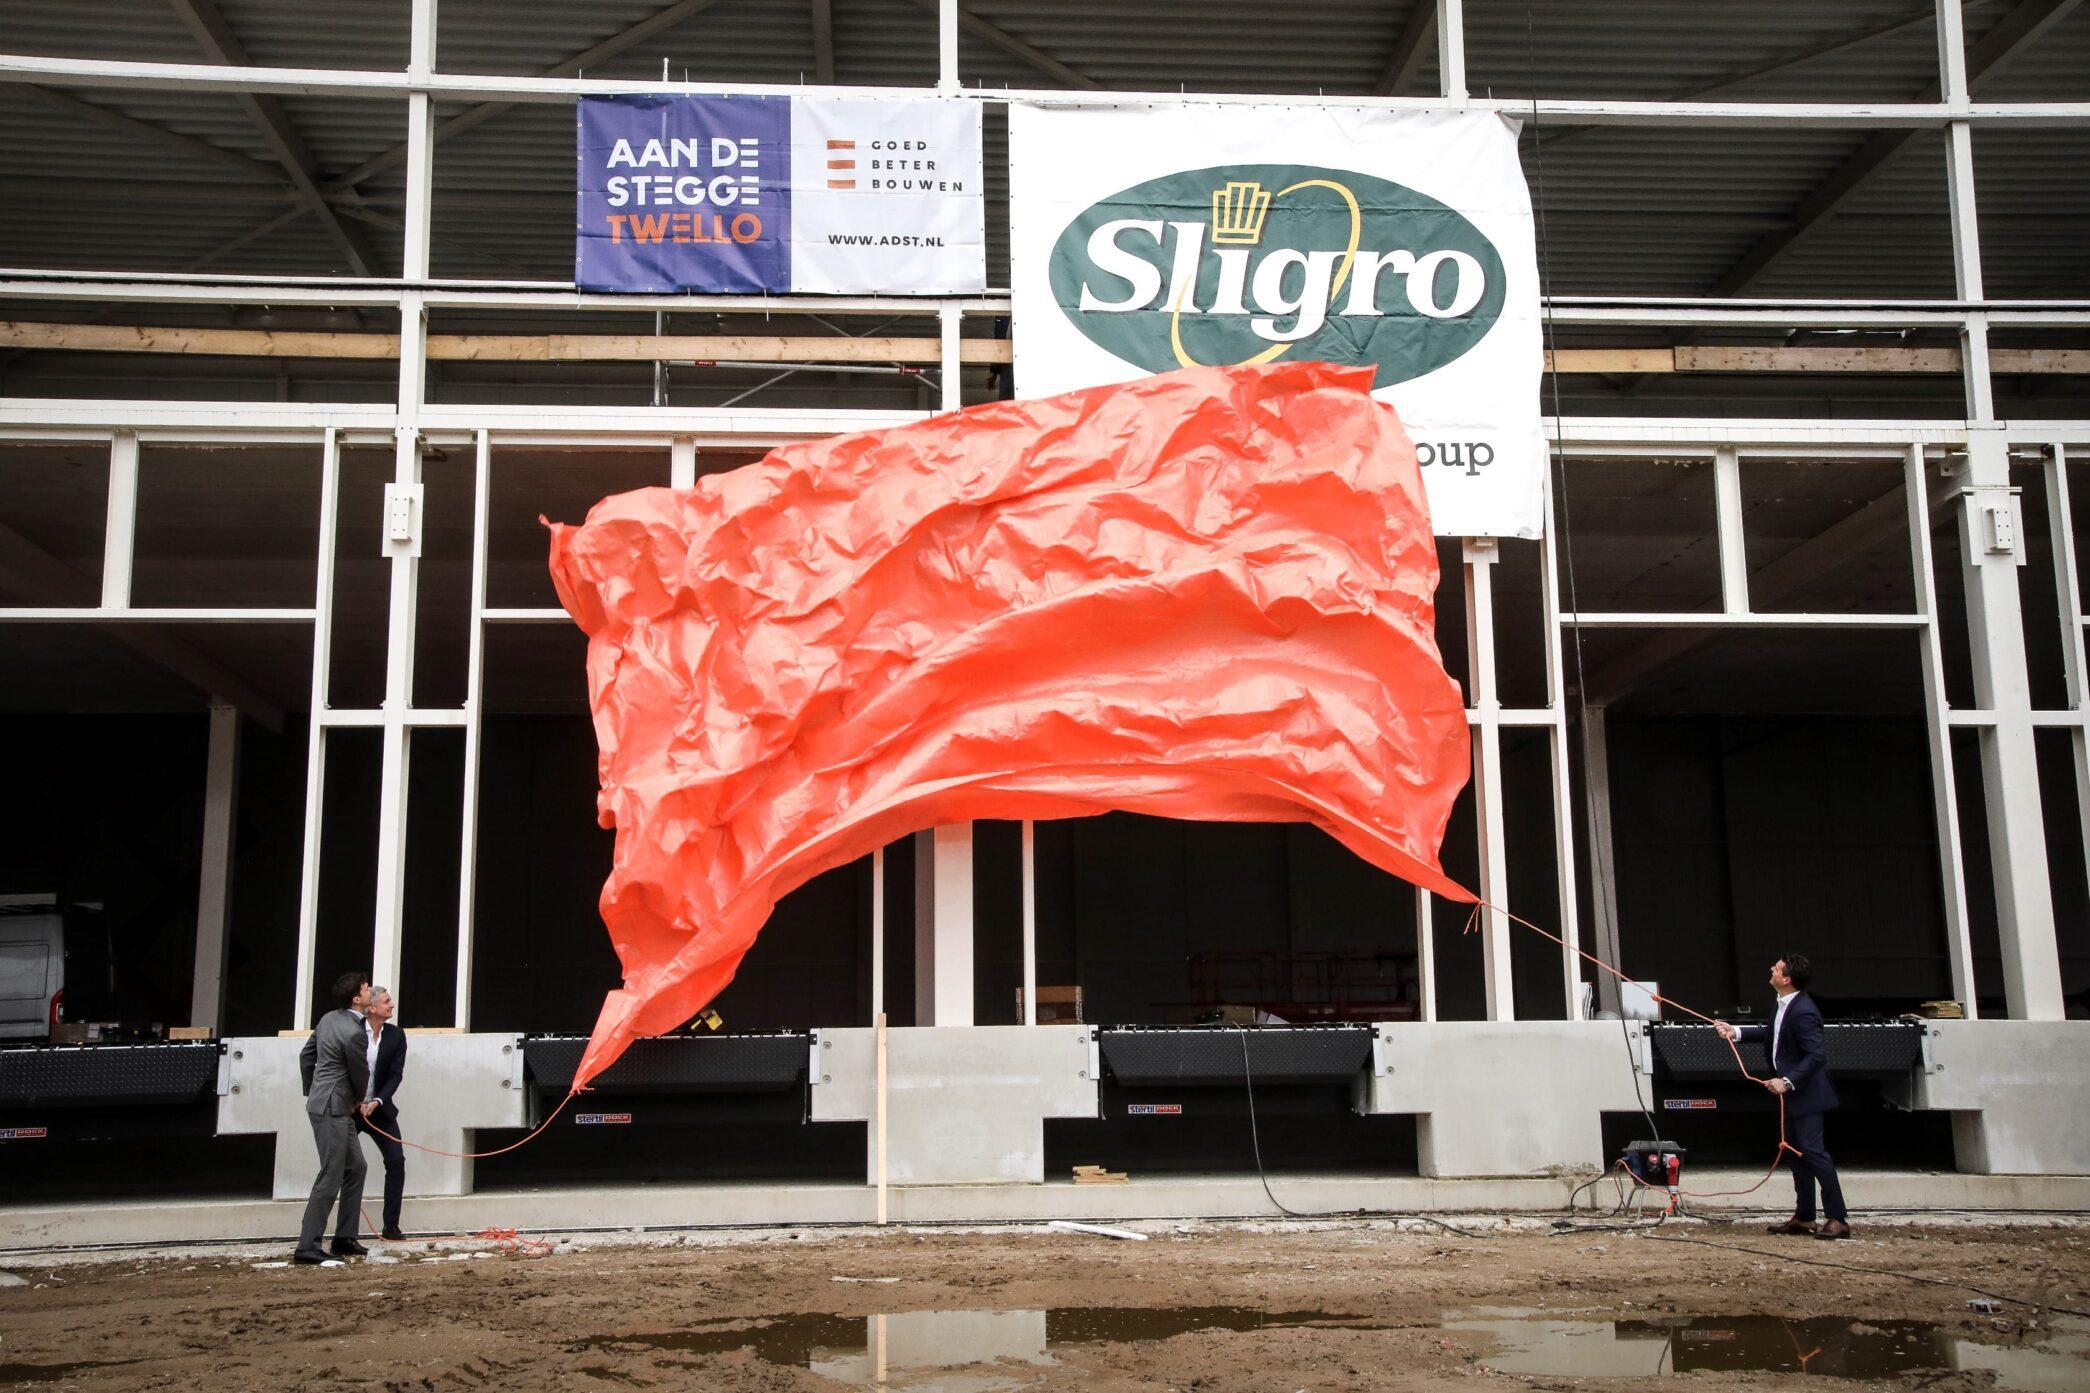 Hoogste punt bouw distributiecentrum Sligro Deventer